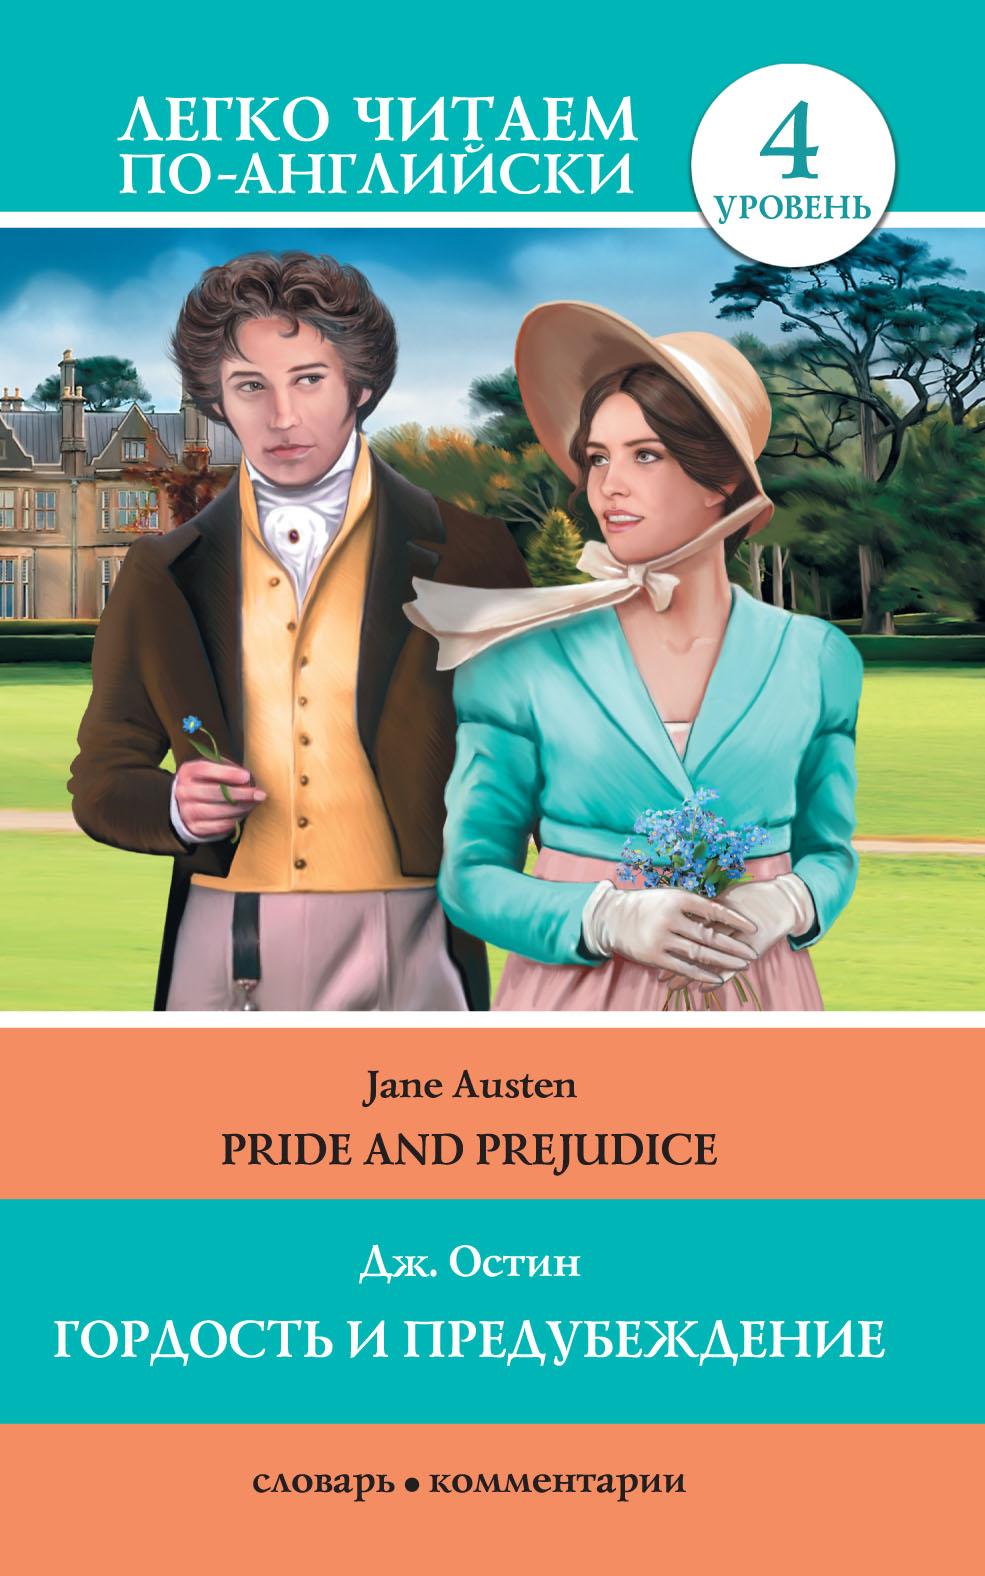 Джейн Остин Гордость и предубеждение / Pride and Prejudice дж остин гордость и предубеждение уровень 4 pride and prejudice